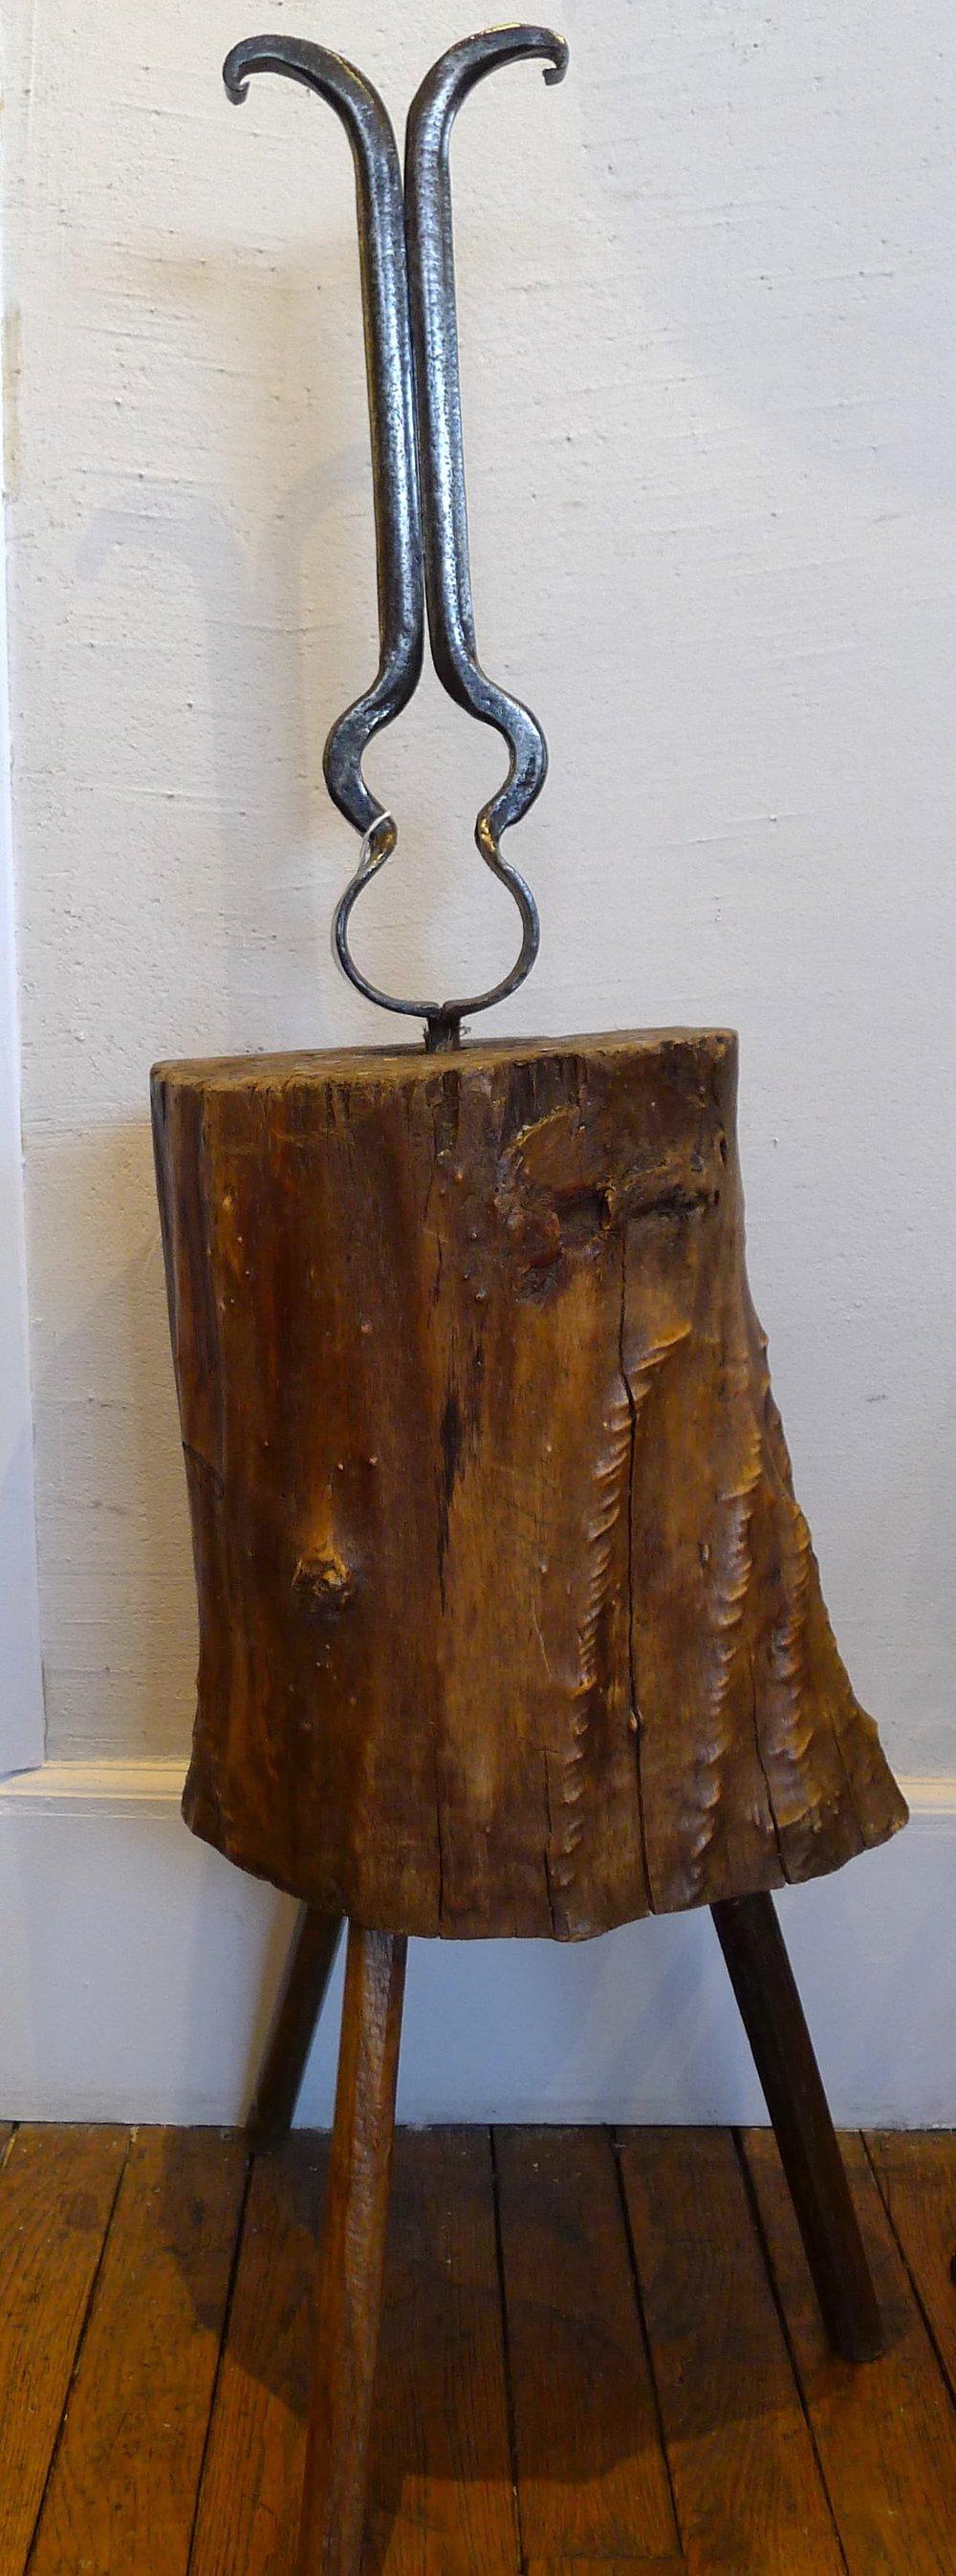 Ecorçoire de vannier sur socle. - Bois-fer.19ème.Outils à 2 lames parallèles entre lesquelles passe le brin d'osier afin d'arracher uniformément l'écorce.H:112cm Diam 30.(IX.0)